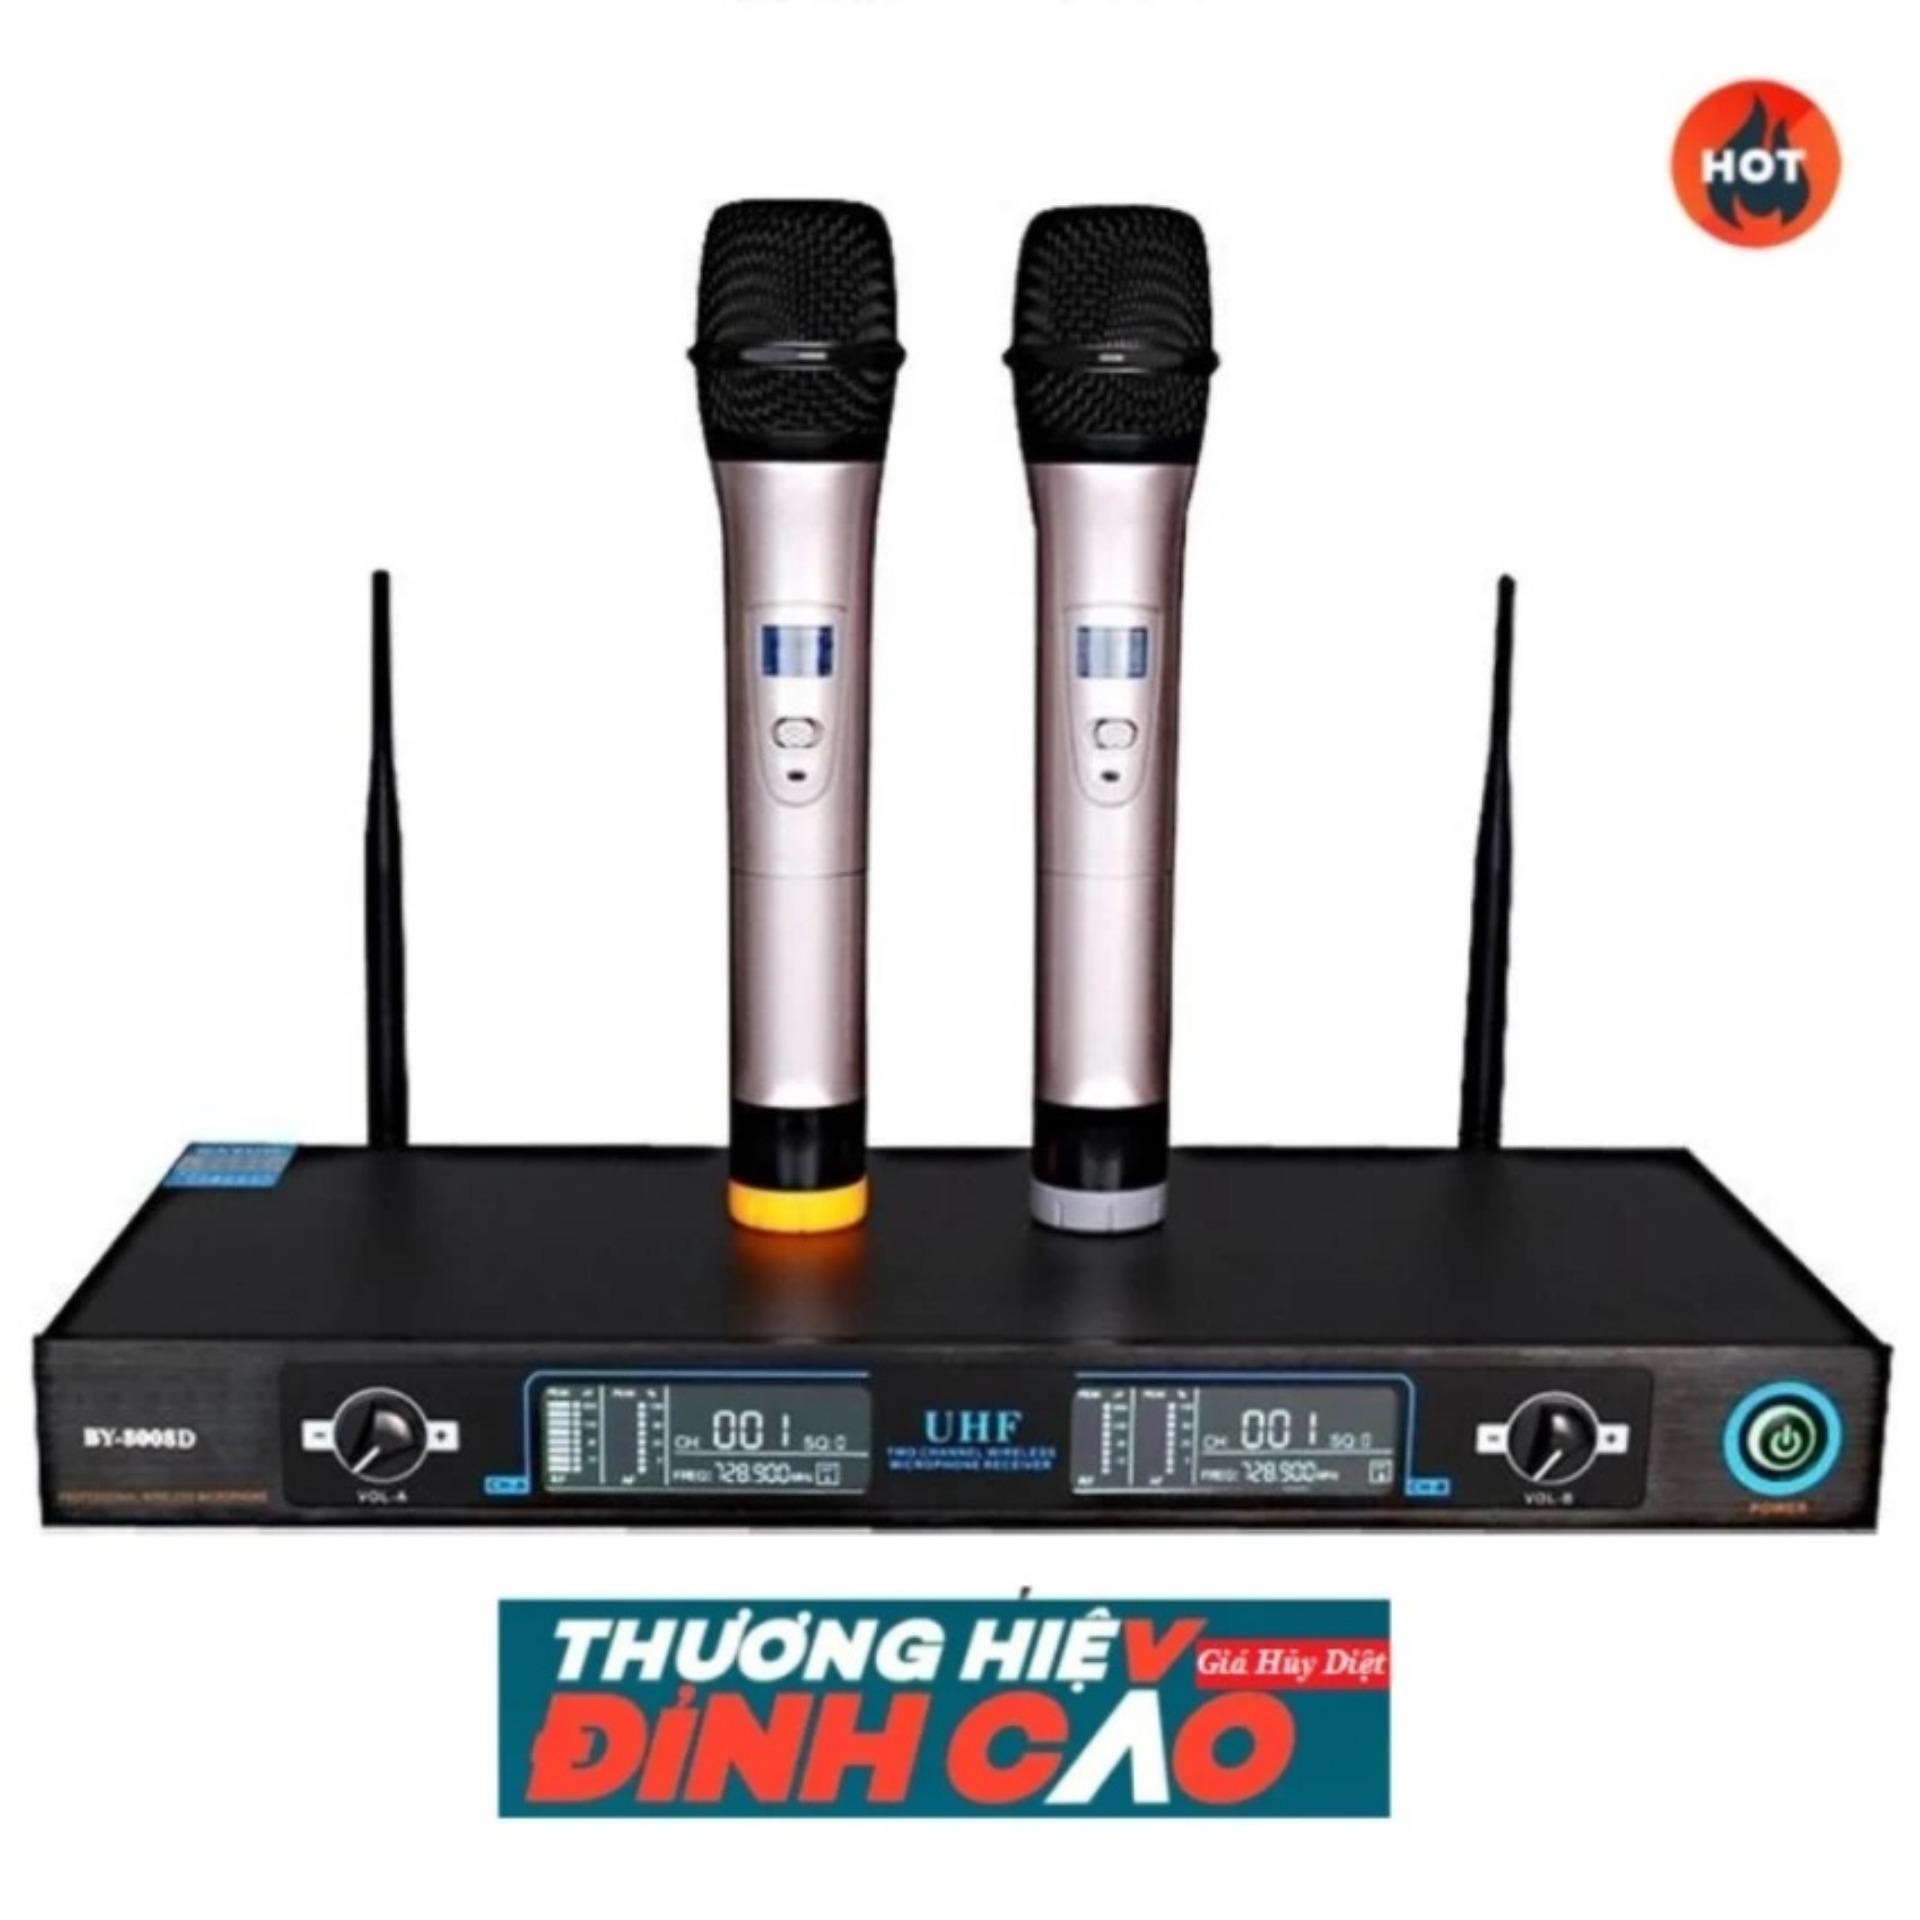 Micro Không Dây Shure Ugx9 Ii Đắt Hơn Loại Này QB8026, chỉnh âm thanh karaoke - Hàng nhập khẩu Xả...